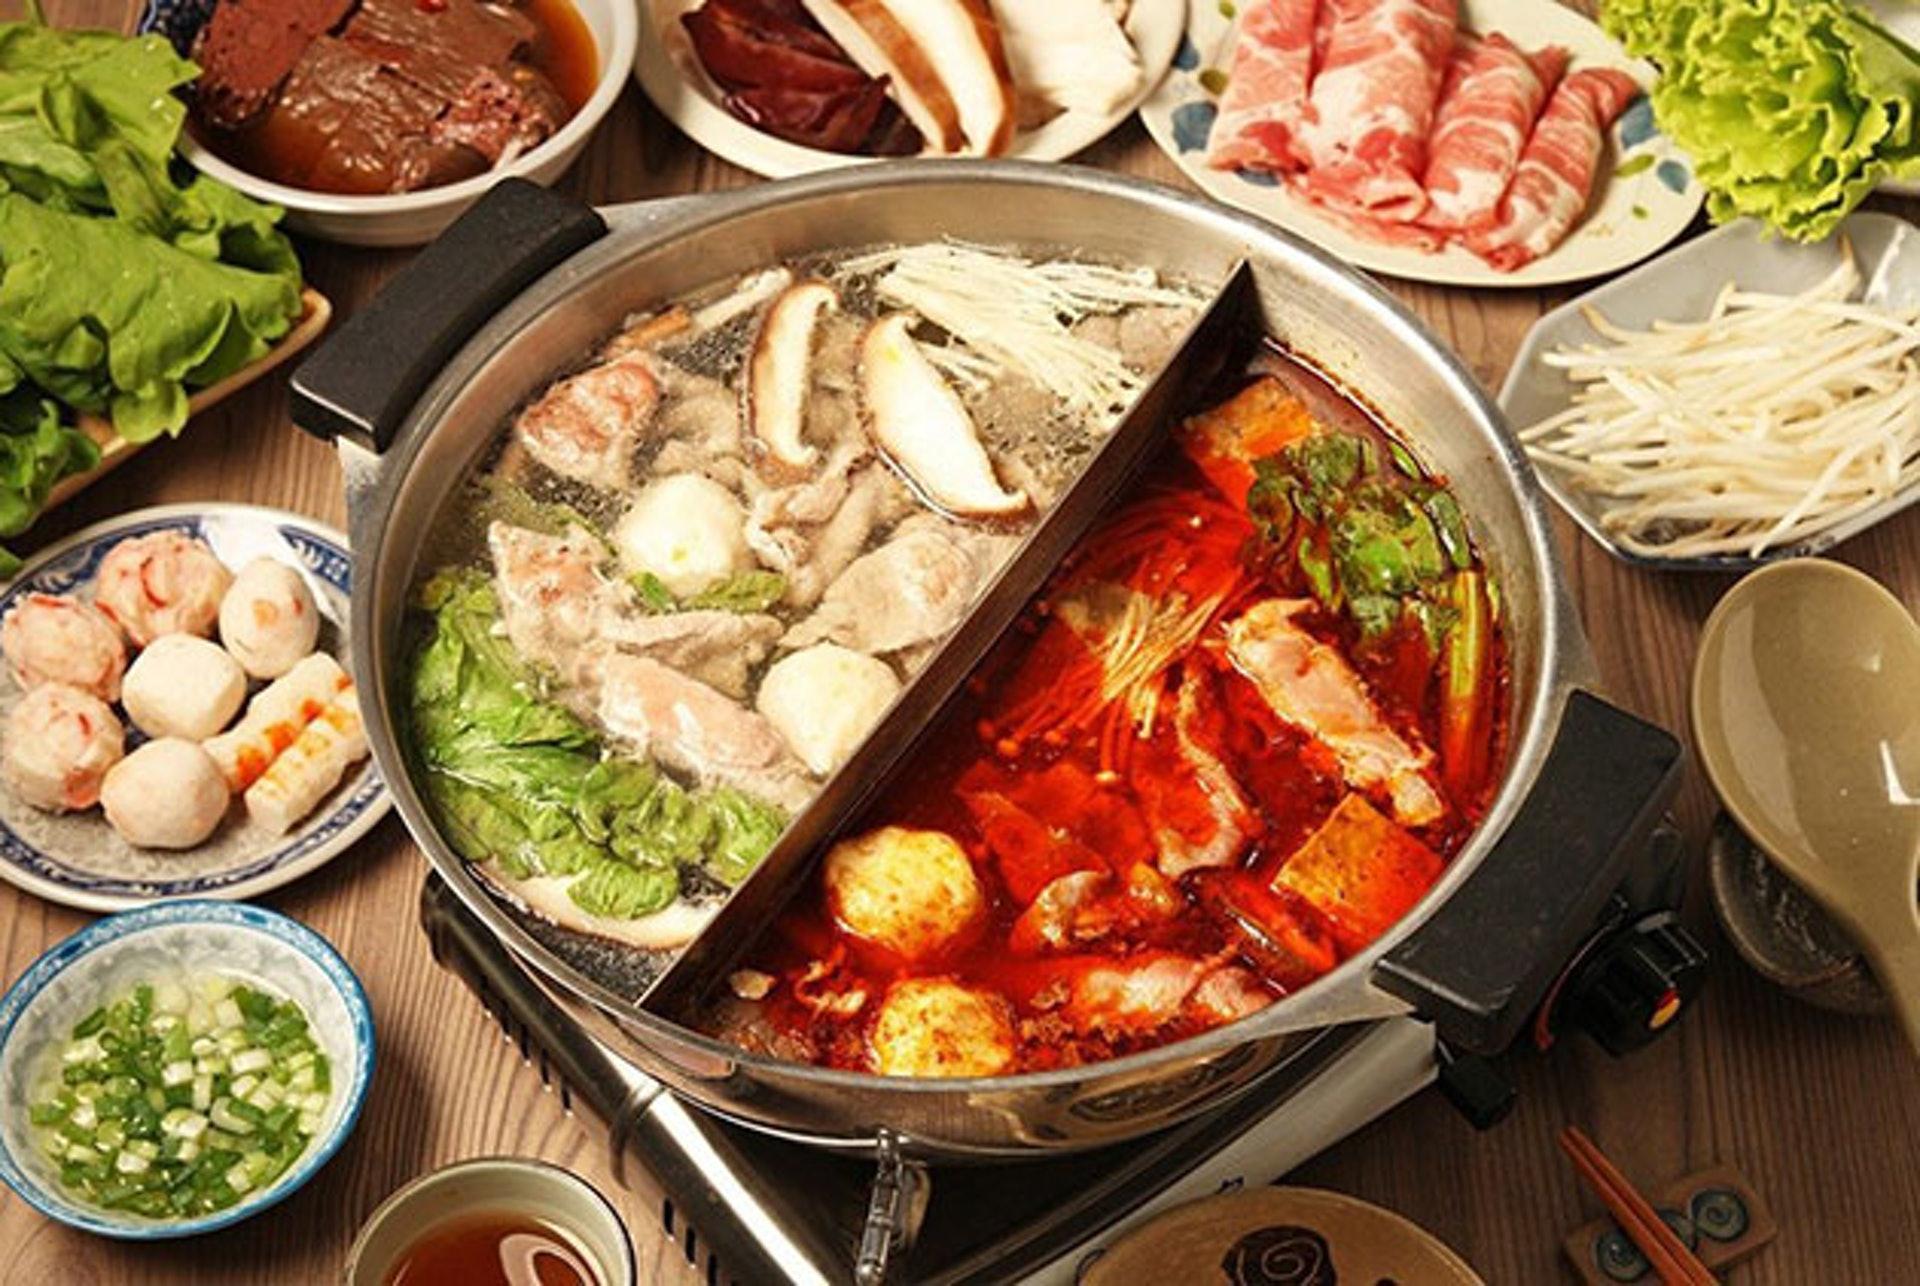 飲食習慣不健康,愛食煎炸、刺激性大、易上火的餐點,如火鍋、燒肉、零食等,容易引發陰虛 (圖片來源: Freepik)